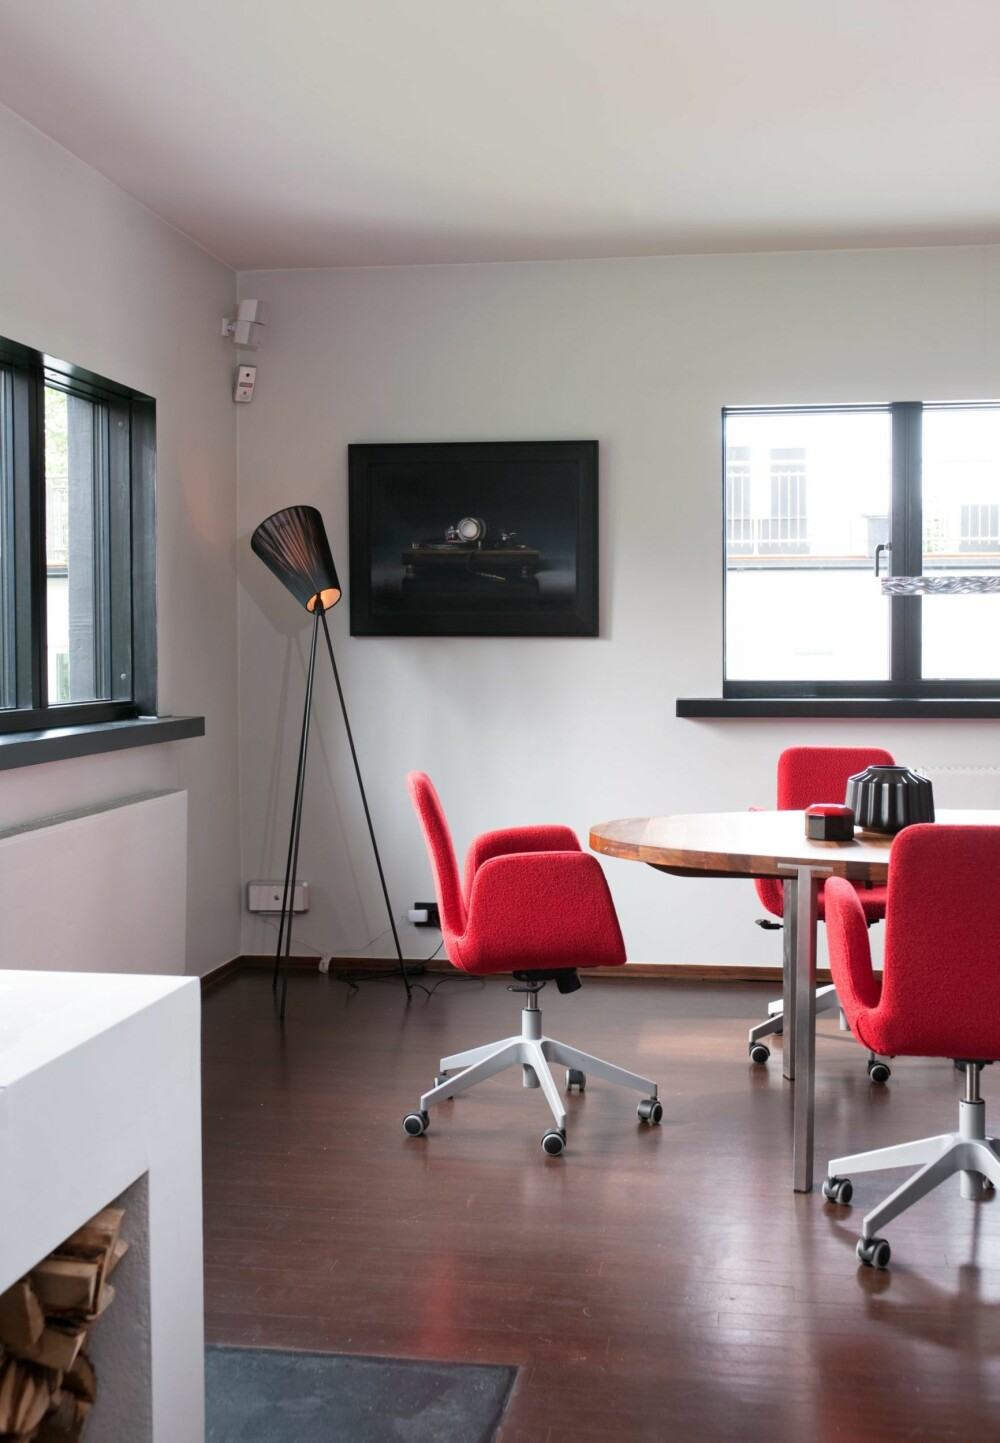 MØBLERT SOM MØTEROM: Spisestuen kan ligne et møterom på grunn av de røde svingstolene fra Ikea.